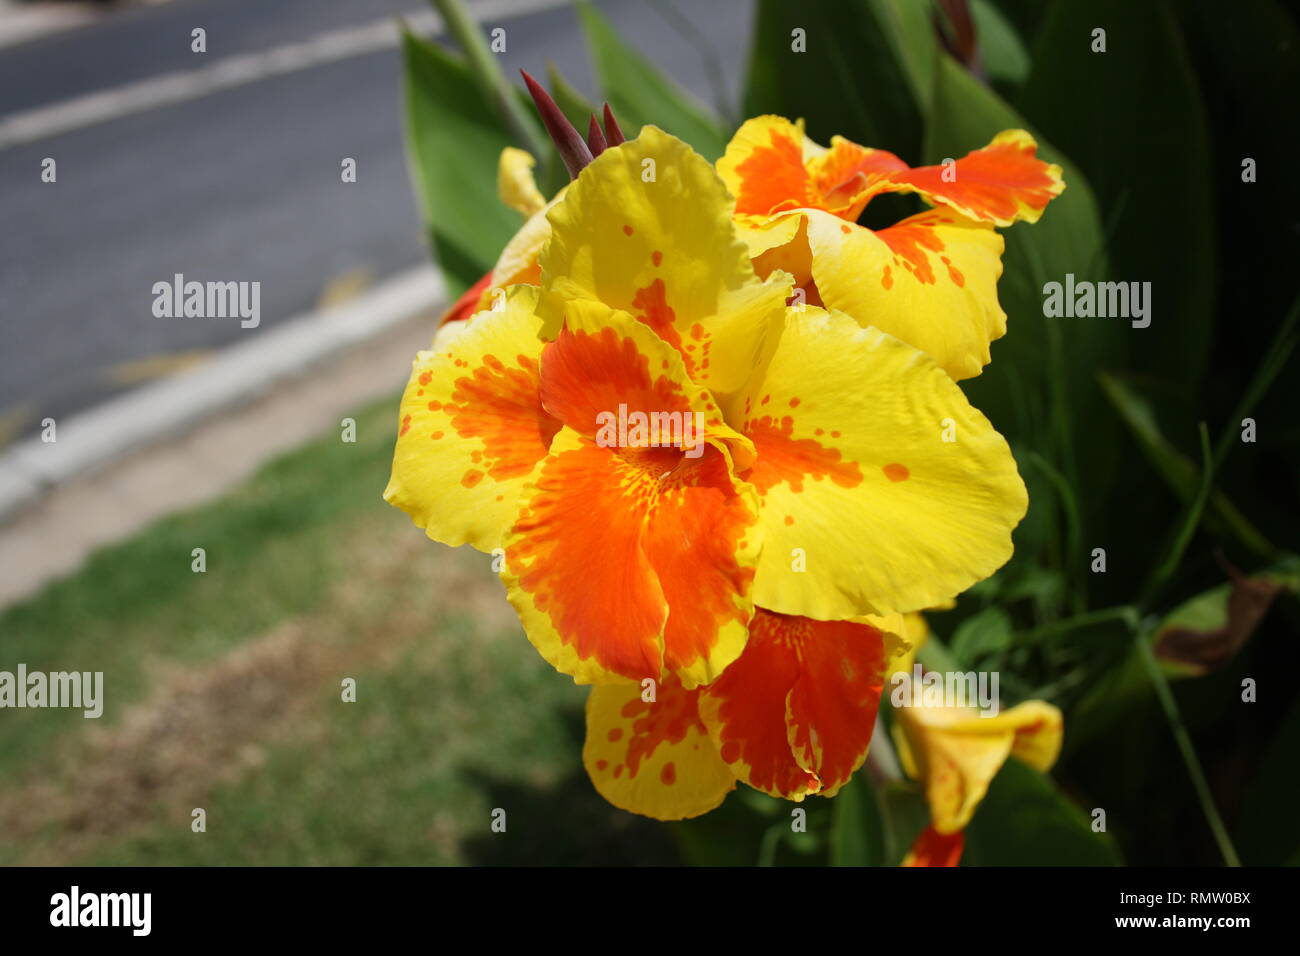 Blühende Pflanzen Lilie im Frühjahr im Hintergrund eine Straße - Stock Image